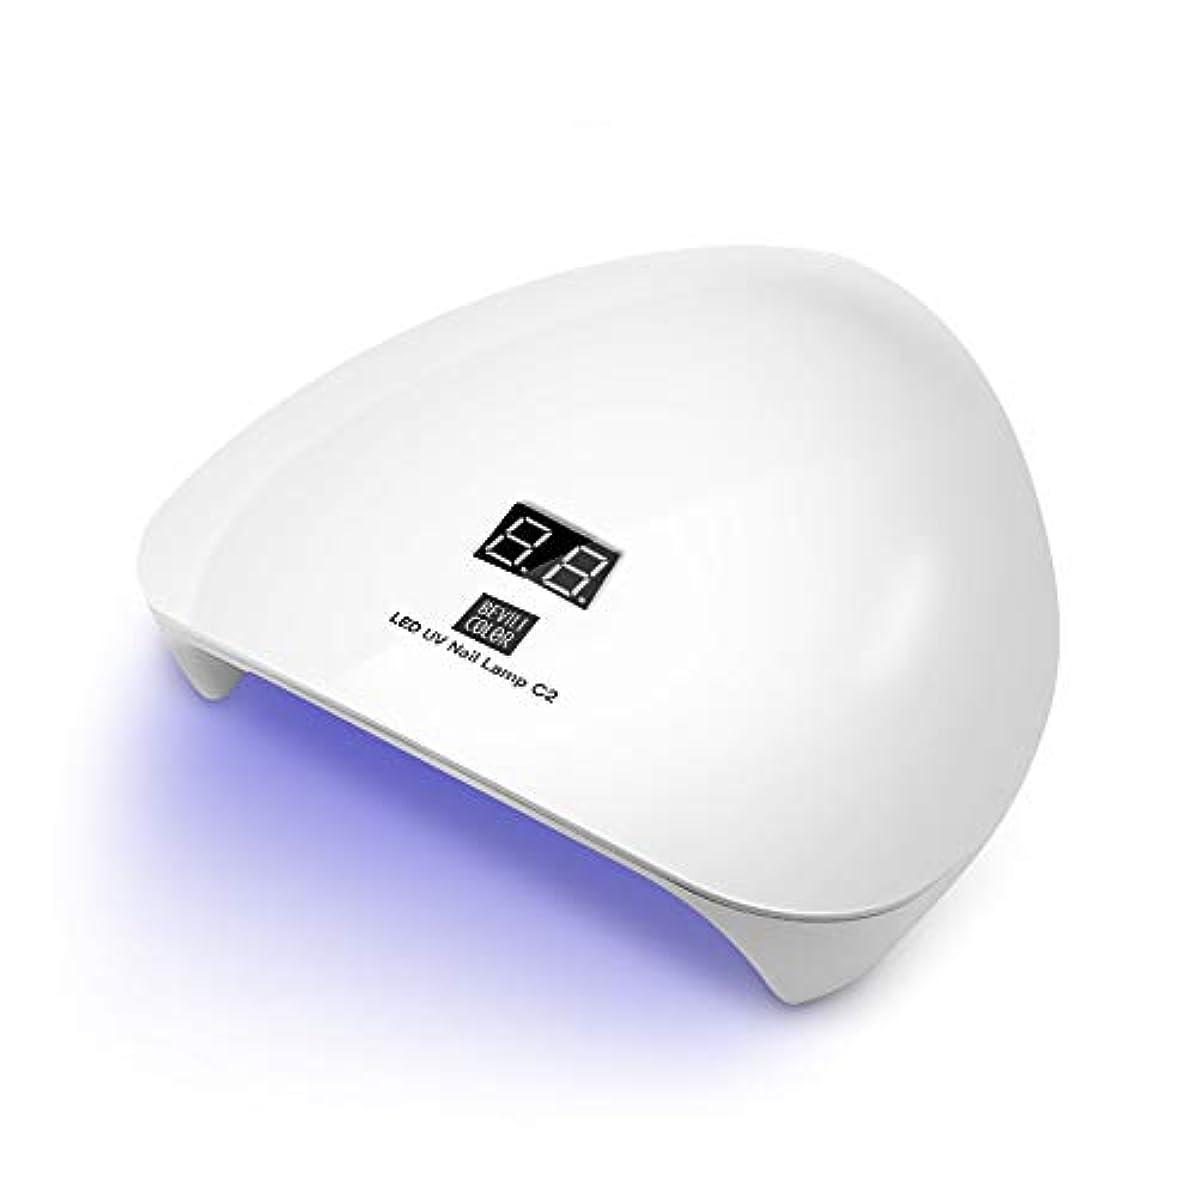 聖職者怒り一方、LEDネイルドライヤー UVライト 45W ハイパワー LED硬化ライト自動センサー 15LED 高速硬化 2019最新版 ジェルネイルライトUVとLEDダブルライト ジェルネイル用 (ホワイト)